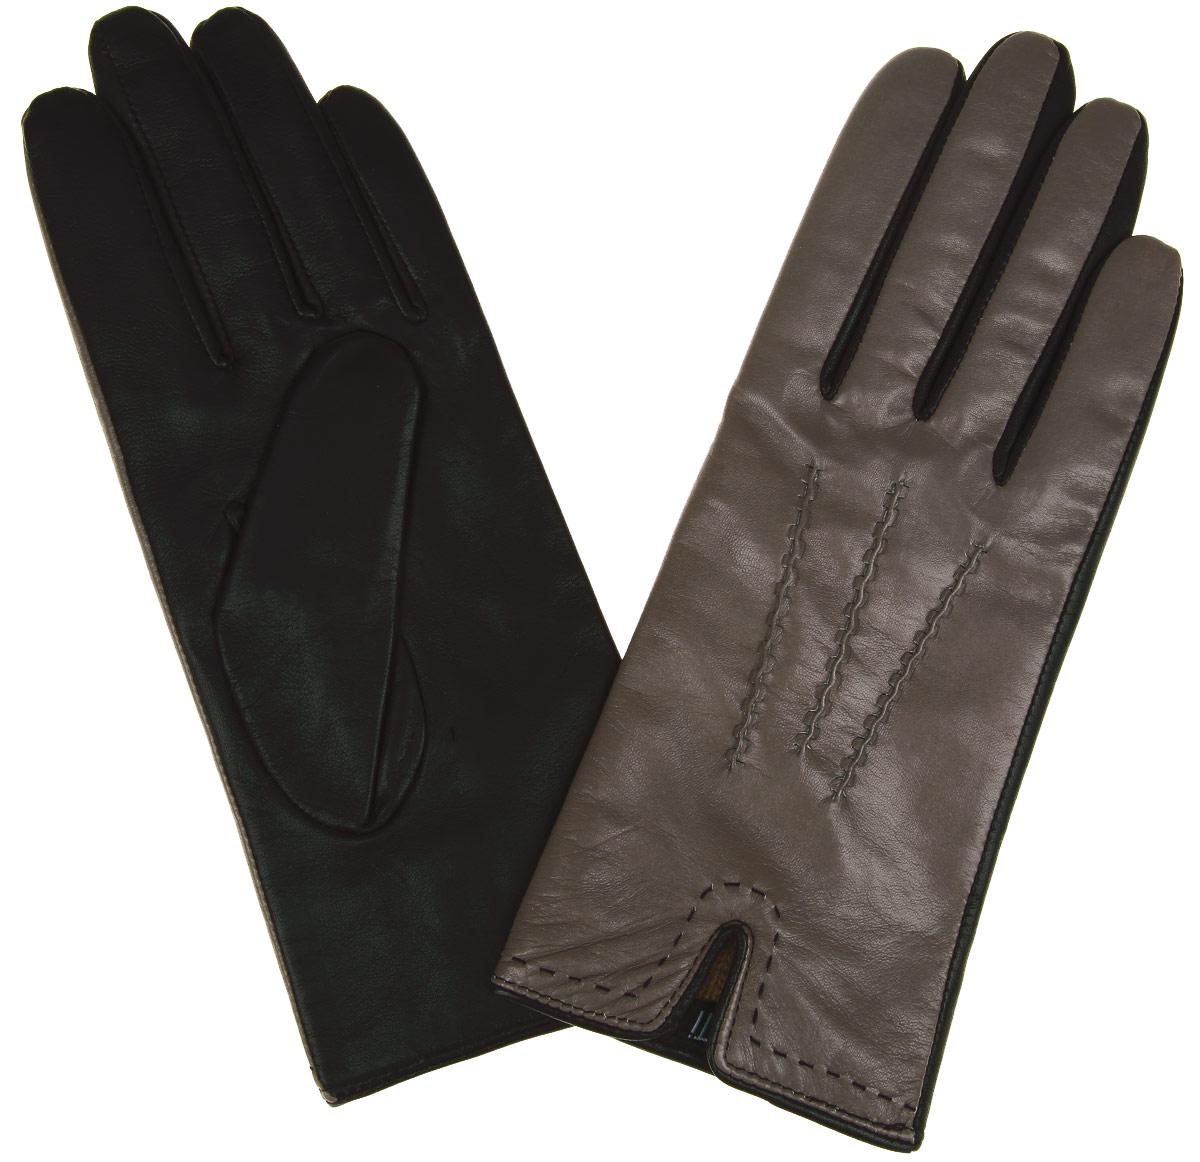 Перчатки2.27-10Элегантные женские перчатки Fabretti станут великолепным дополнением вашего образа и защитят ваши руки от холода и ветра во время прогулок. Перчатки выполнены из эфиопской перчаточной кожи ягненка на подкладке из шерсти с добавлением кашемира, что позволяет им надежно сохранять тепло. Манжеты с внешней стороны дополнены разрезами. Модель оформлена декоративной прострочкой. Такие перчатки будут оригинальным завершающим штрихом в создании современного модного образа, они подчеркнут ваш изысканный вкус и станут незаменимым и практичным аксессуаром.